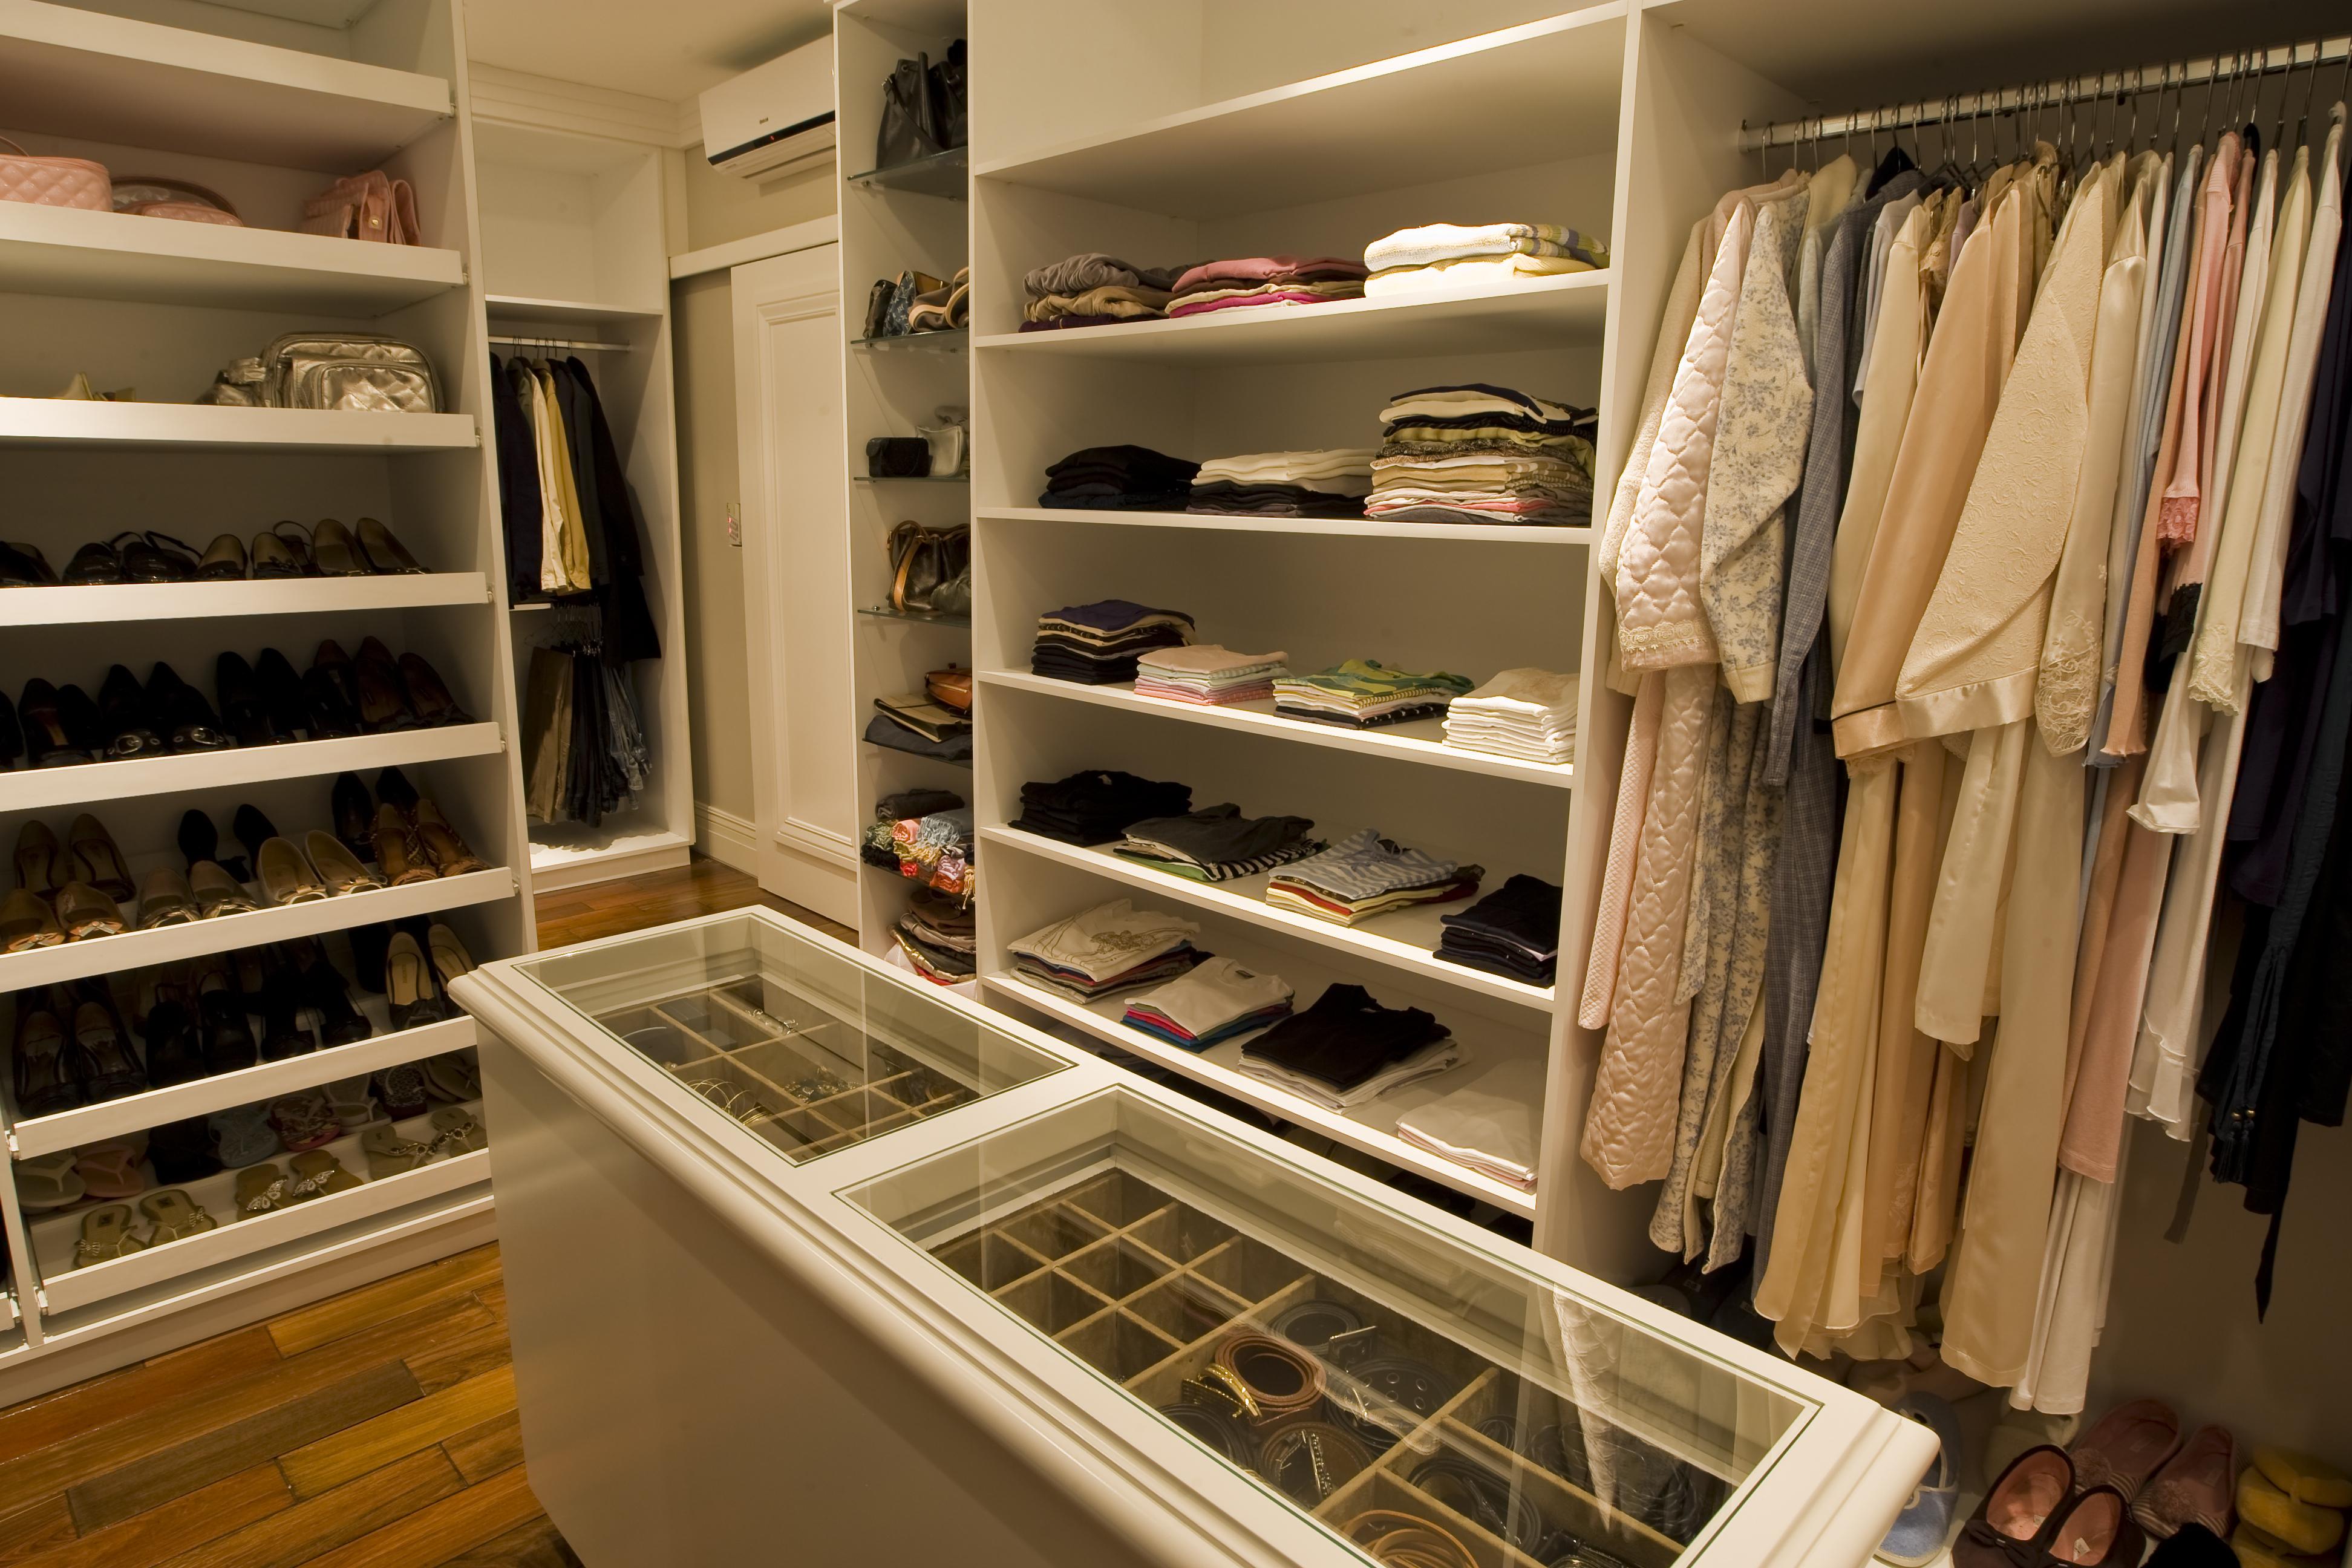 Closet categorizado por tipos de roupa é a melhor forma de manter a ordem. Foto: Antonio Costa / Gazeta do Povo.